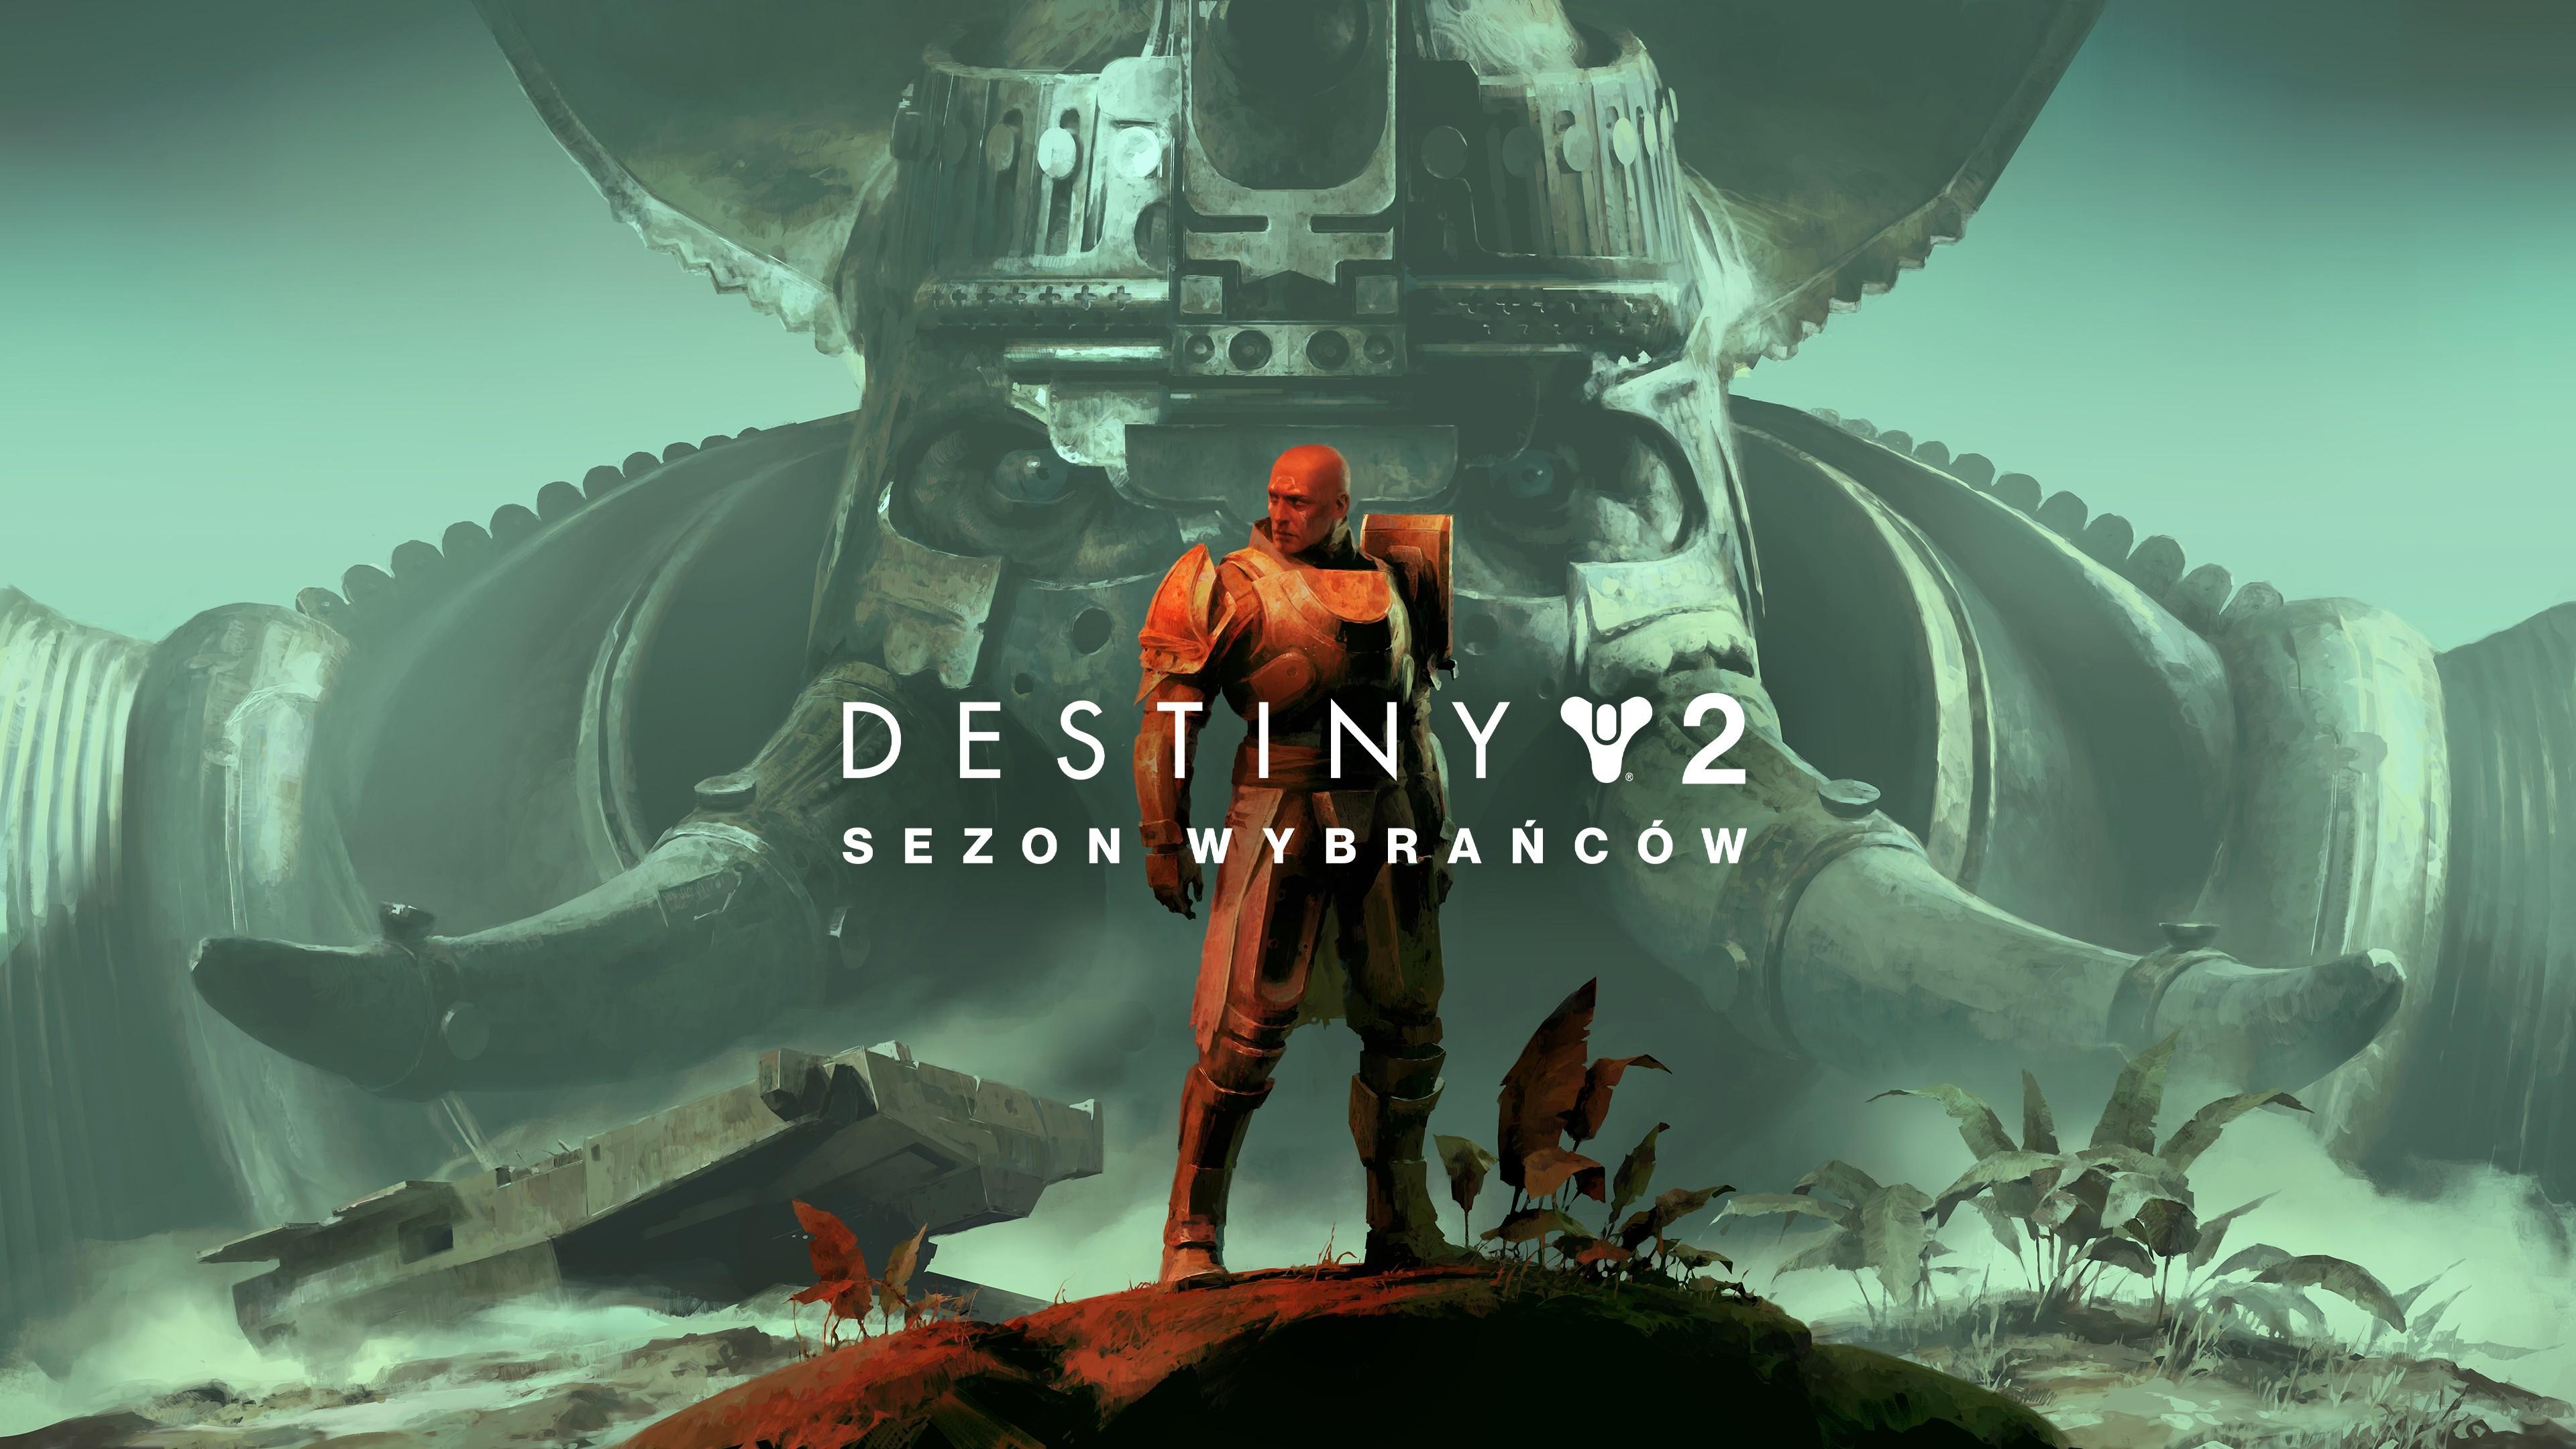 Nadchodzi Sezon Wybrańców w Destiny 2: Poza Światłem!